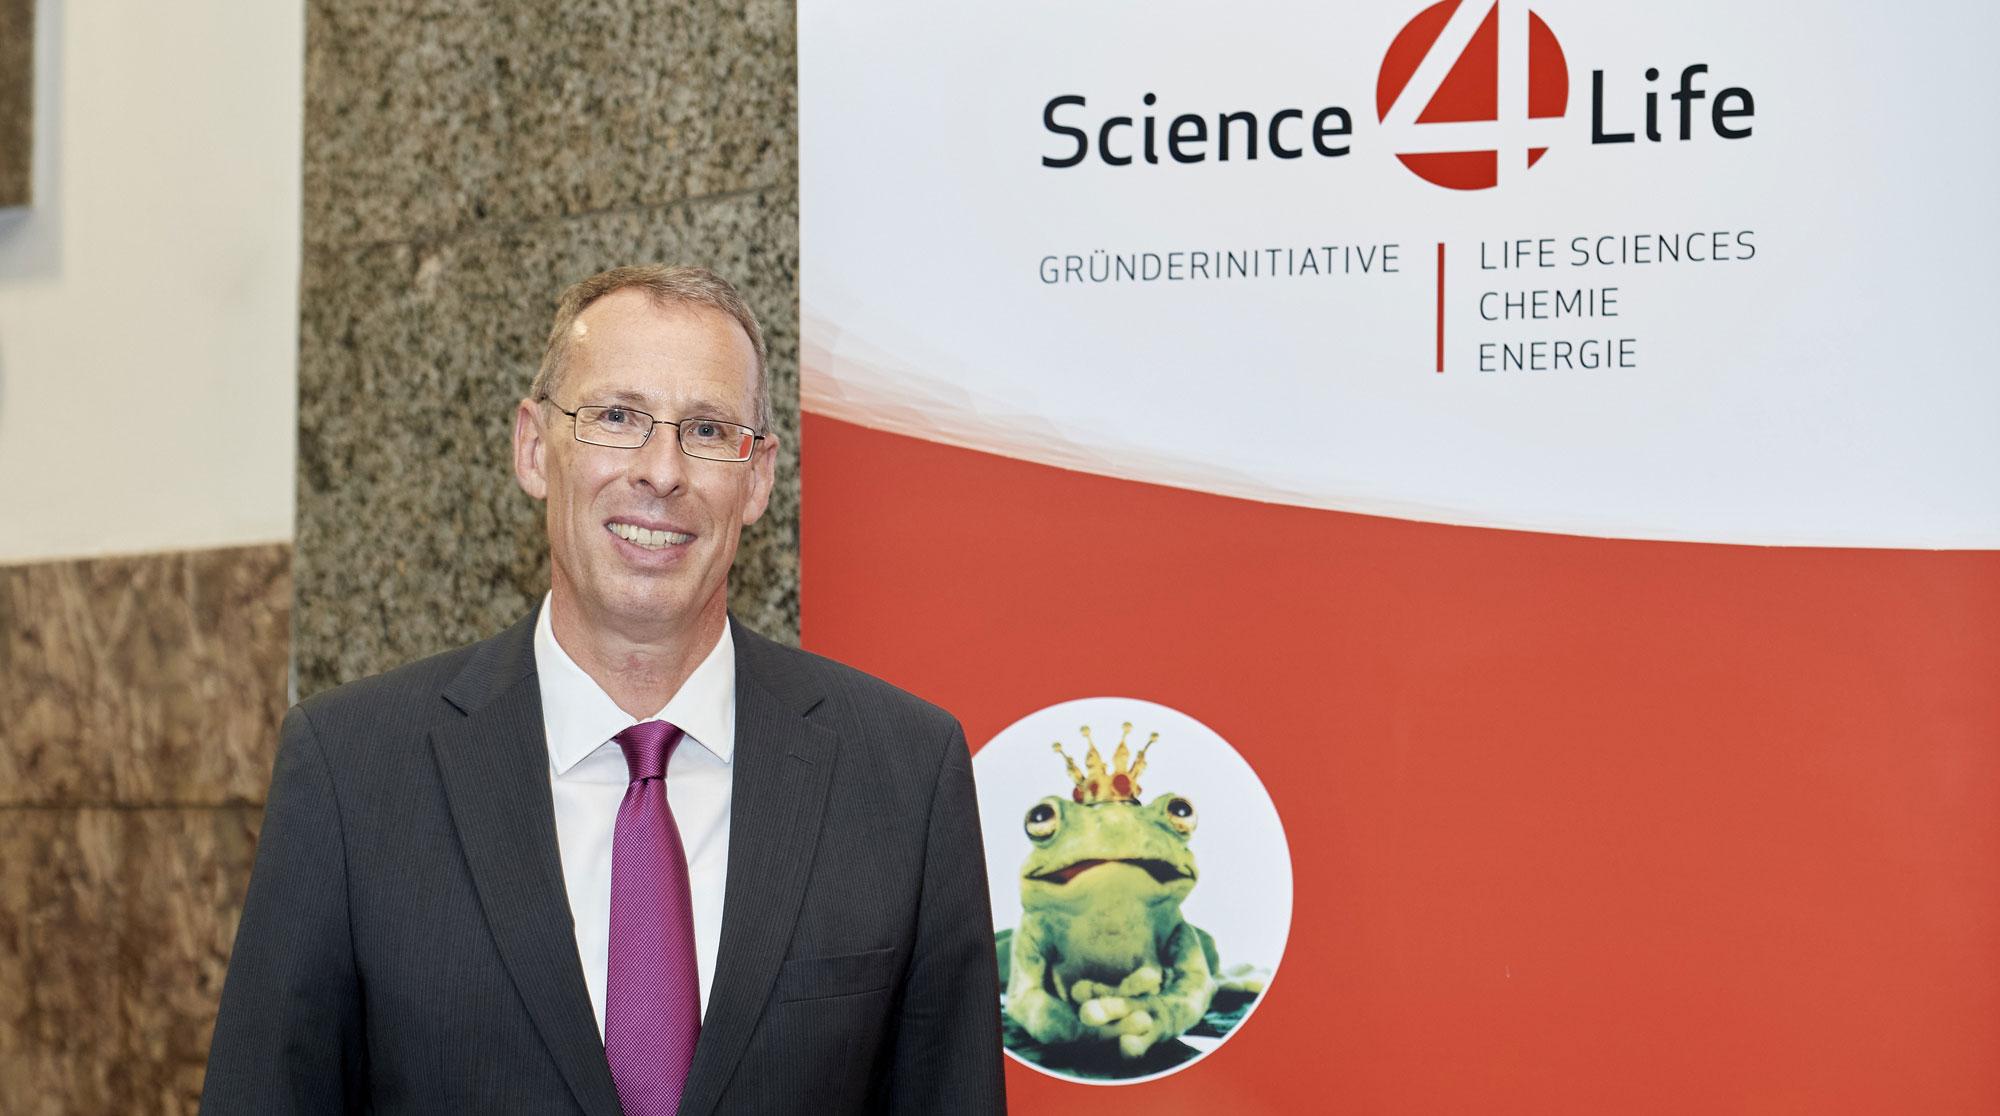 Dr. Lutz Müller, Projektleiter Science4Life, Businessplan Wettbewerb Life Sciences, Chemie, Energie